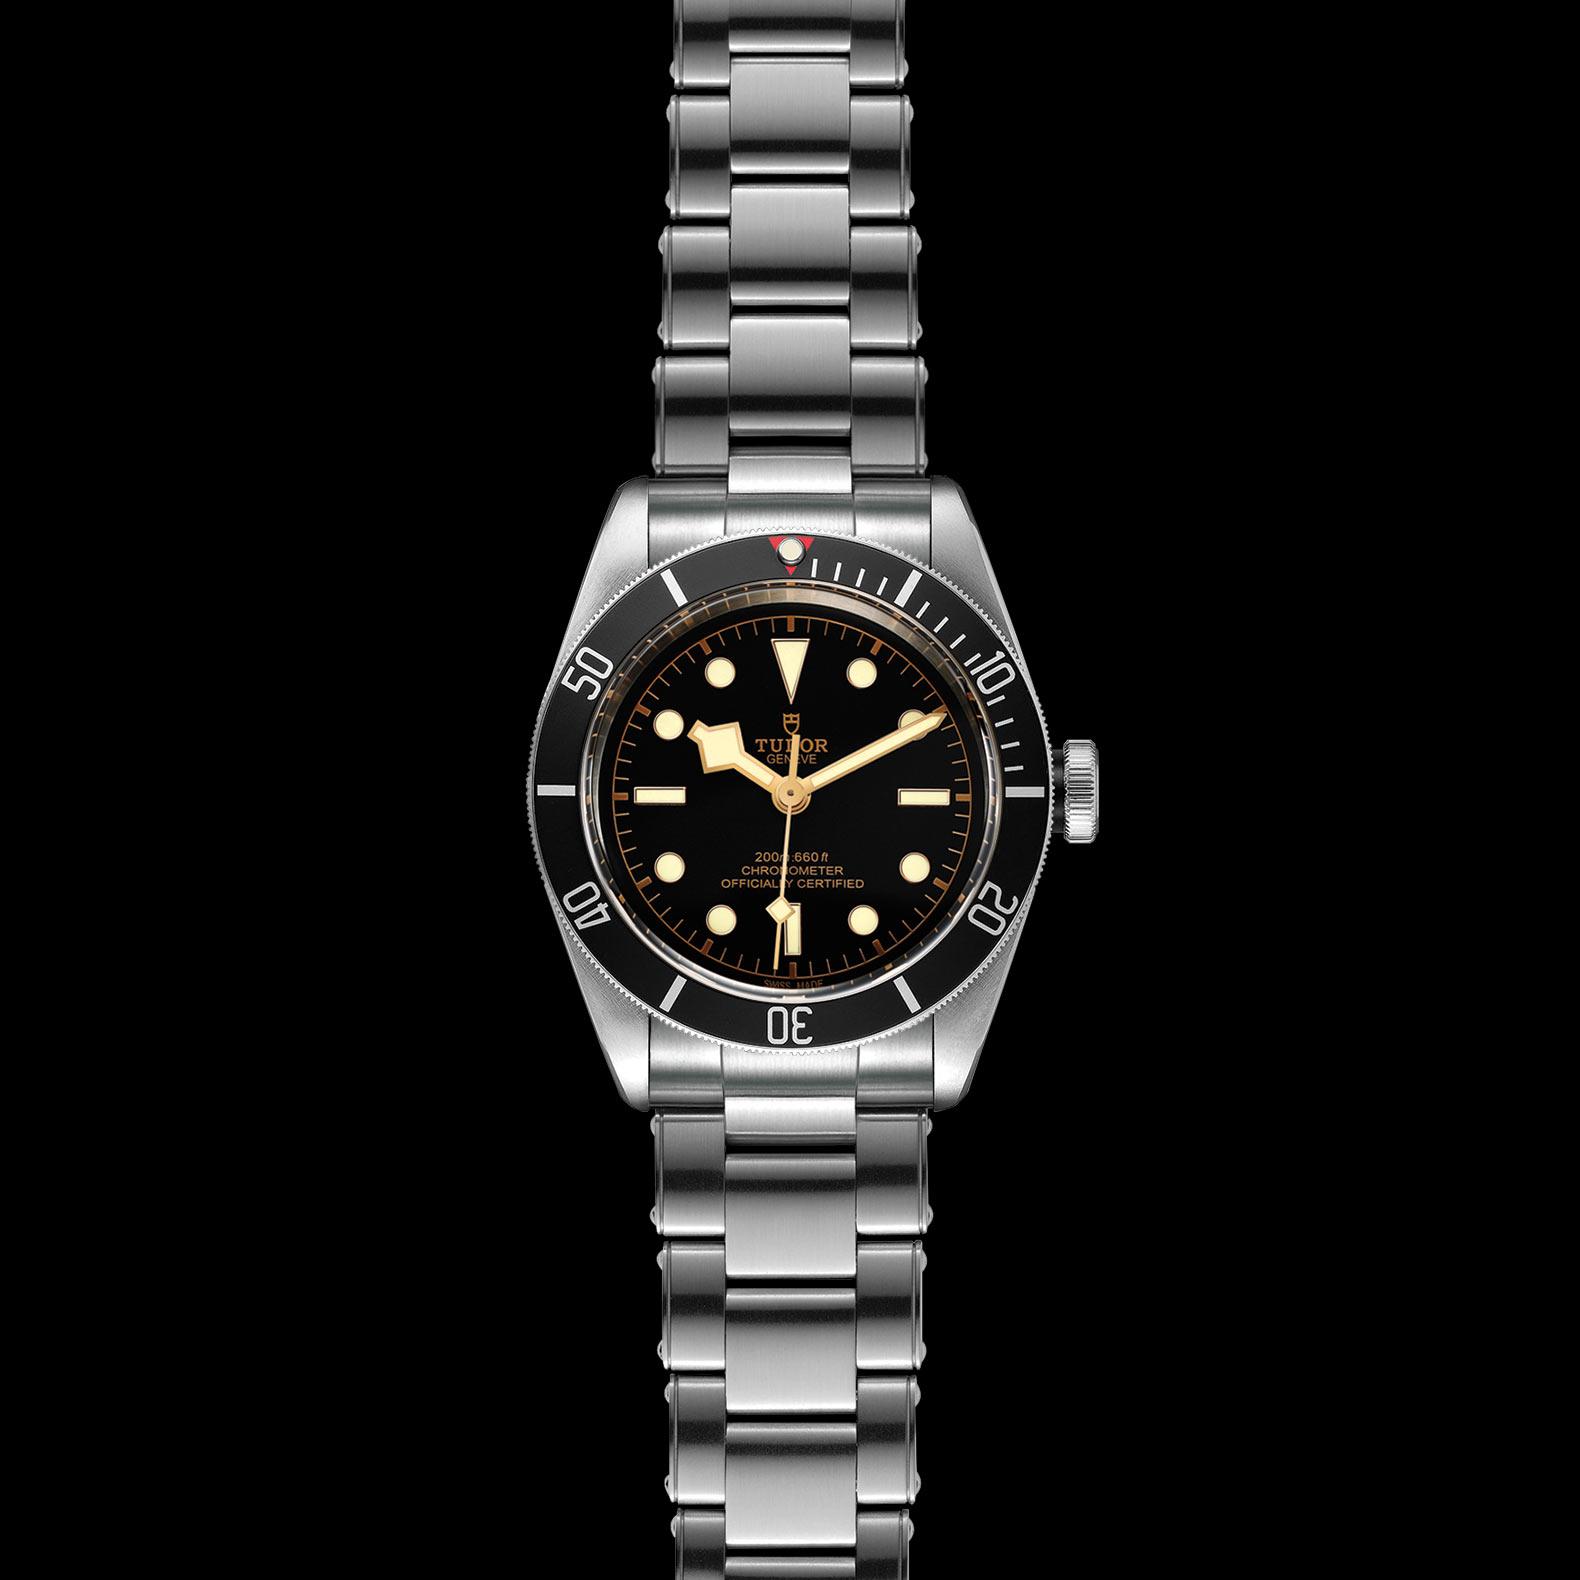 Reloj Tudor Black Bay Automático en acero con esfera color negro y bisel color negro.